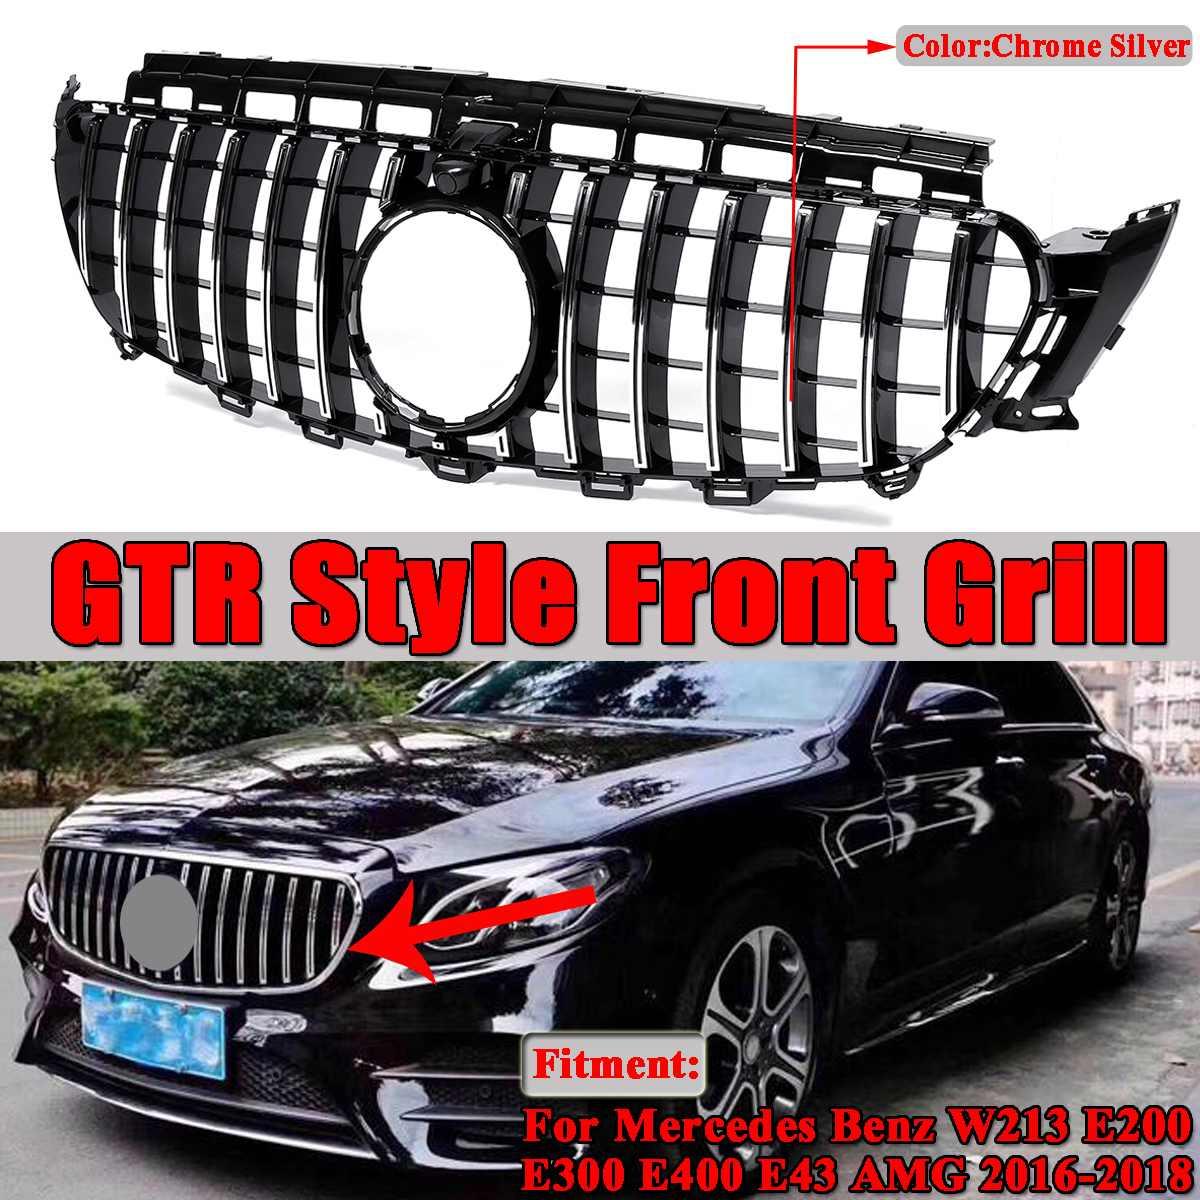 1x GT R/Diamond Style W213 Grlil voiture Grille avant pour Mercedes pour Benz W213 E200 E300 E400 E43 pour AMG 2016 2017 2018 2019